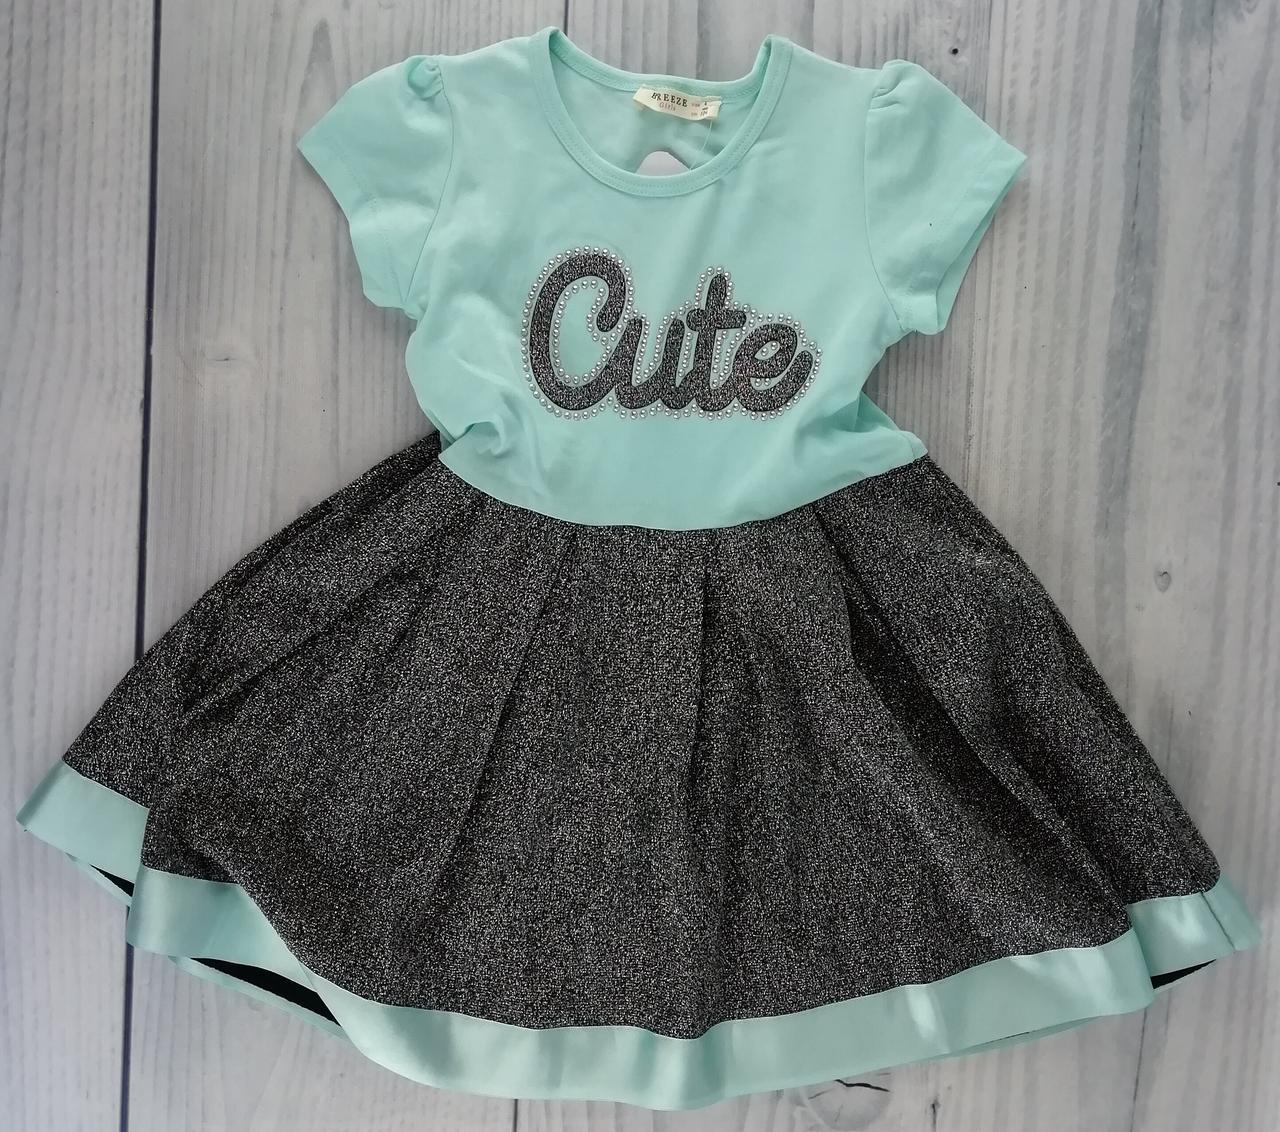 Сукня для дівчаток Cute Блакитний Бавовна Breeze Туреччина 9 років, зріст 134 см